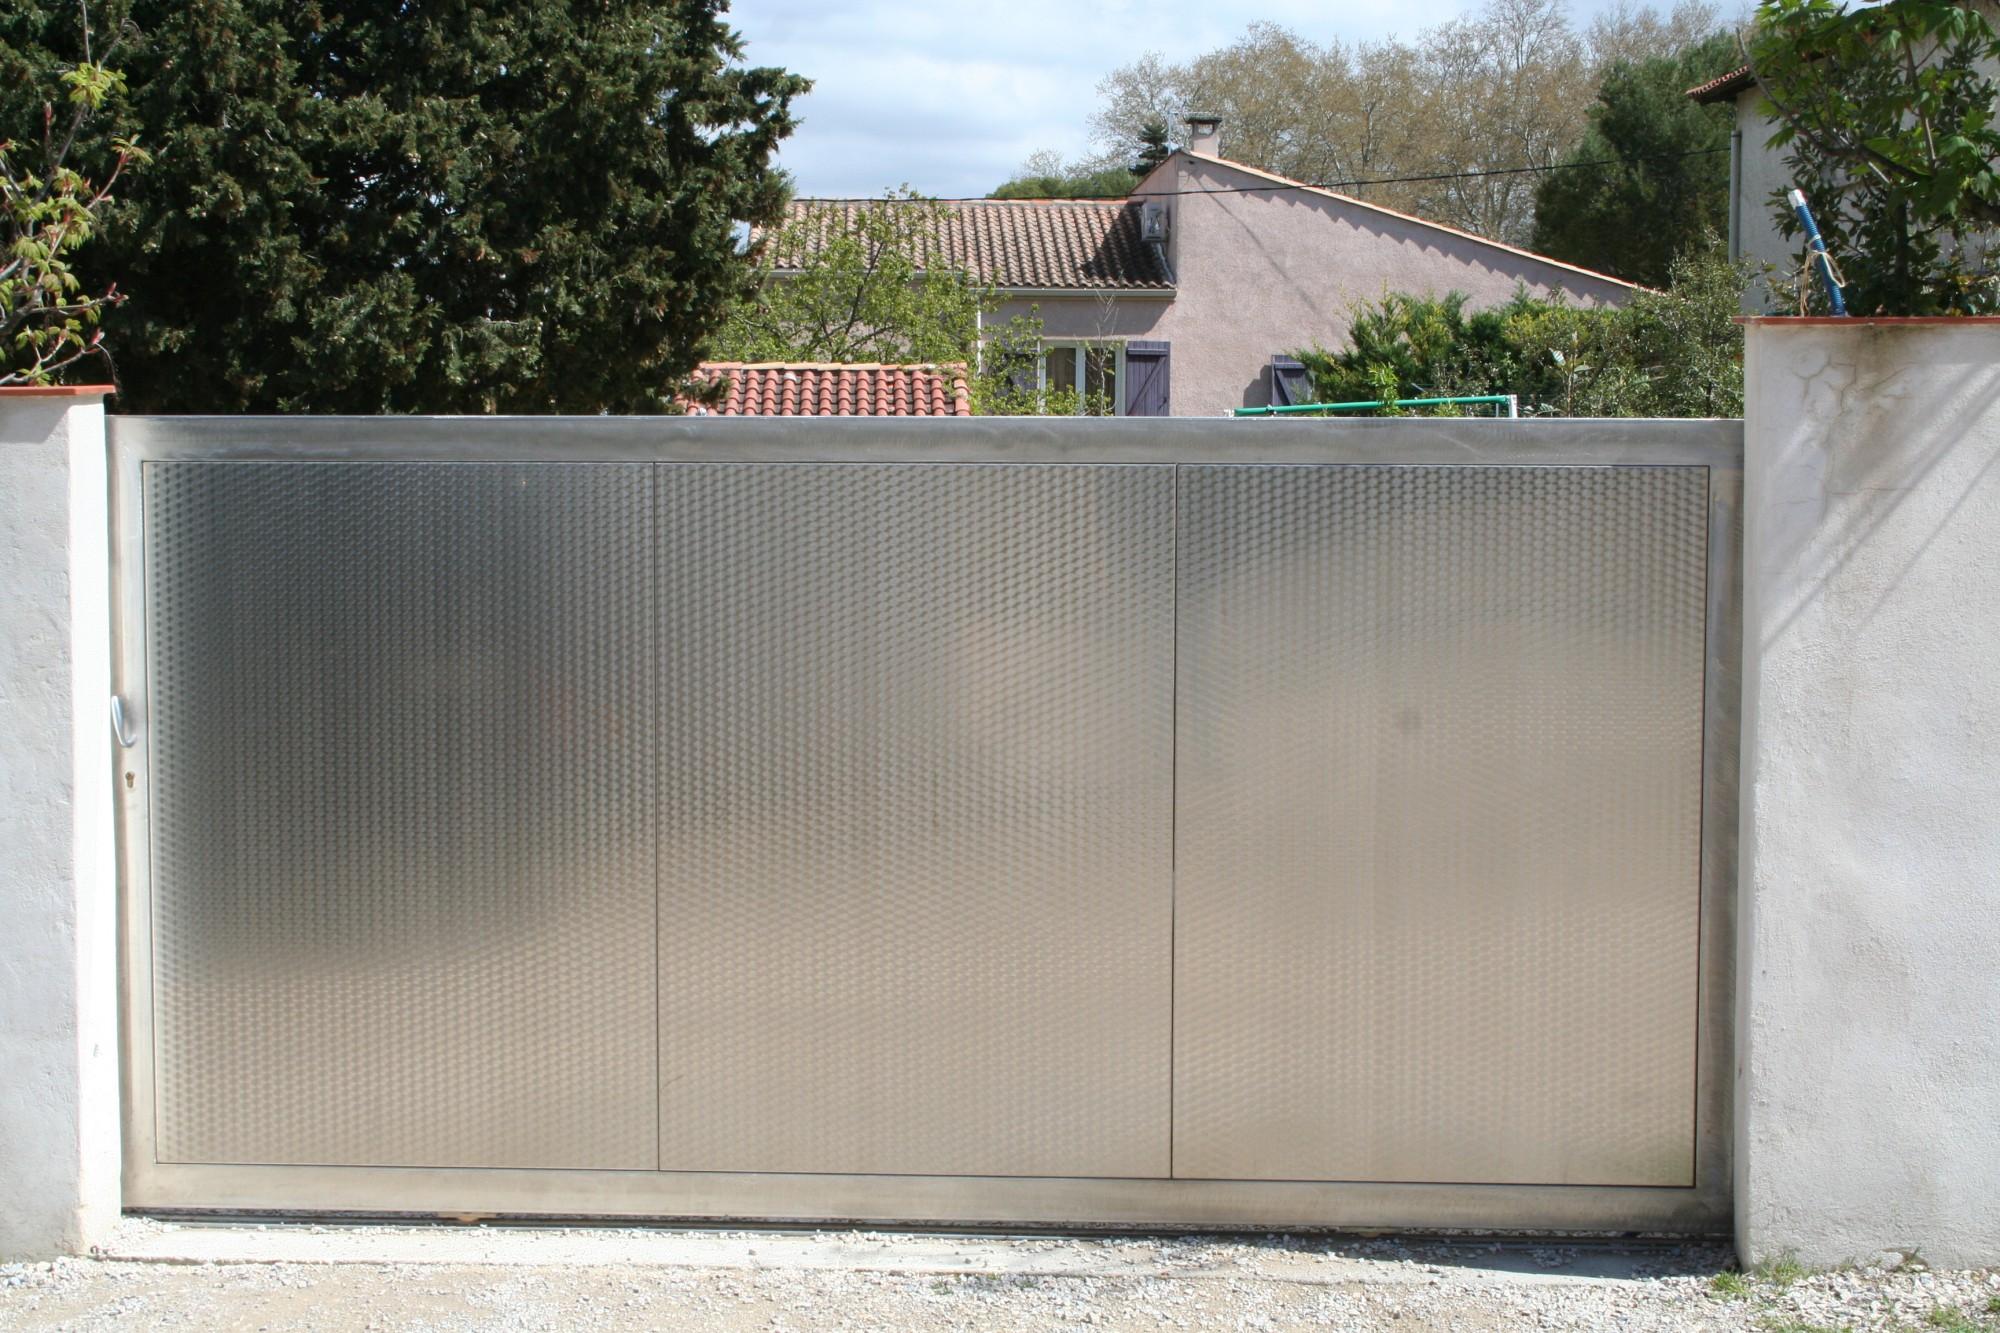 Portail en inox portillon en inox porte de garage en for Porte metallique jardin